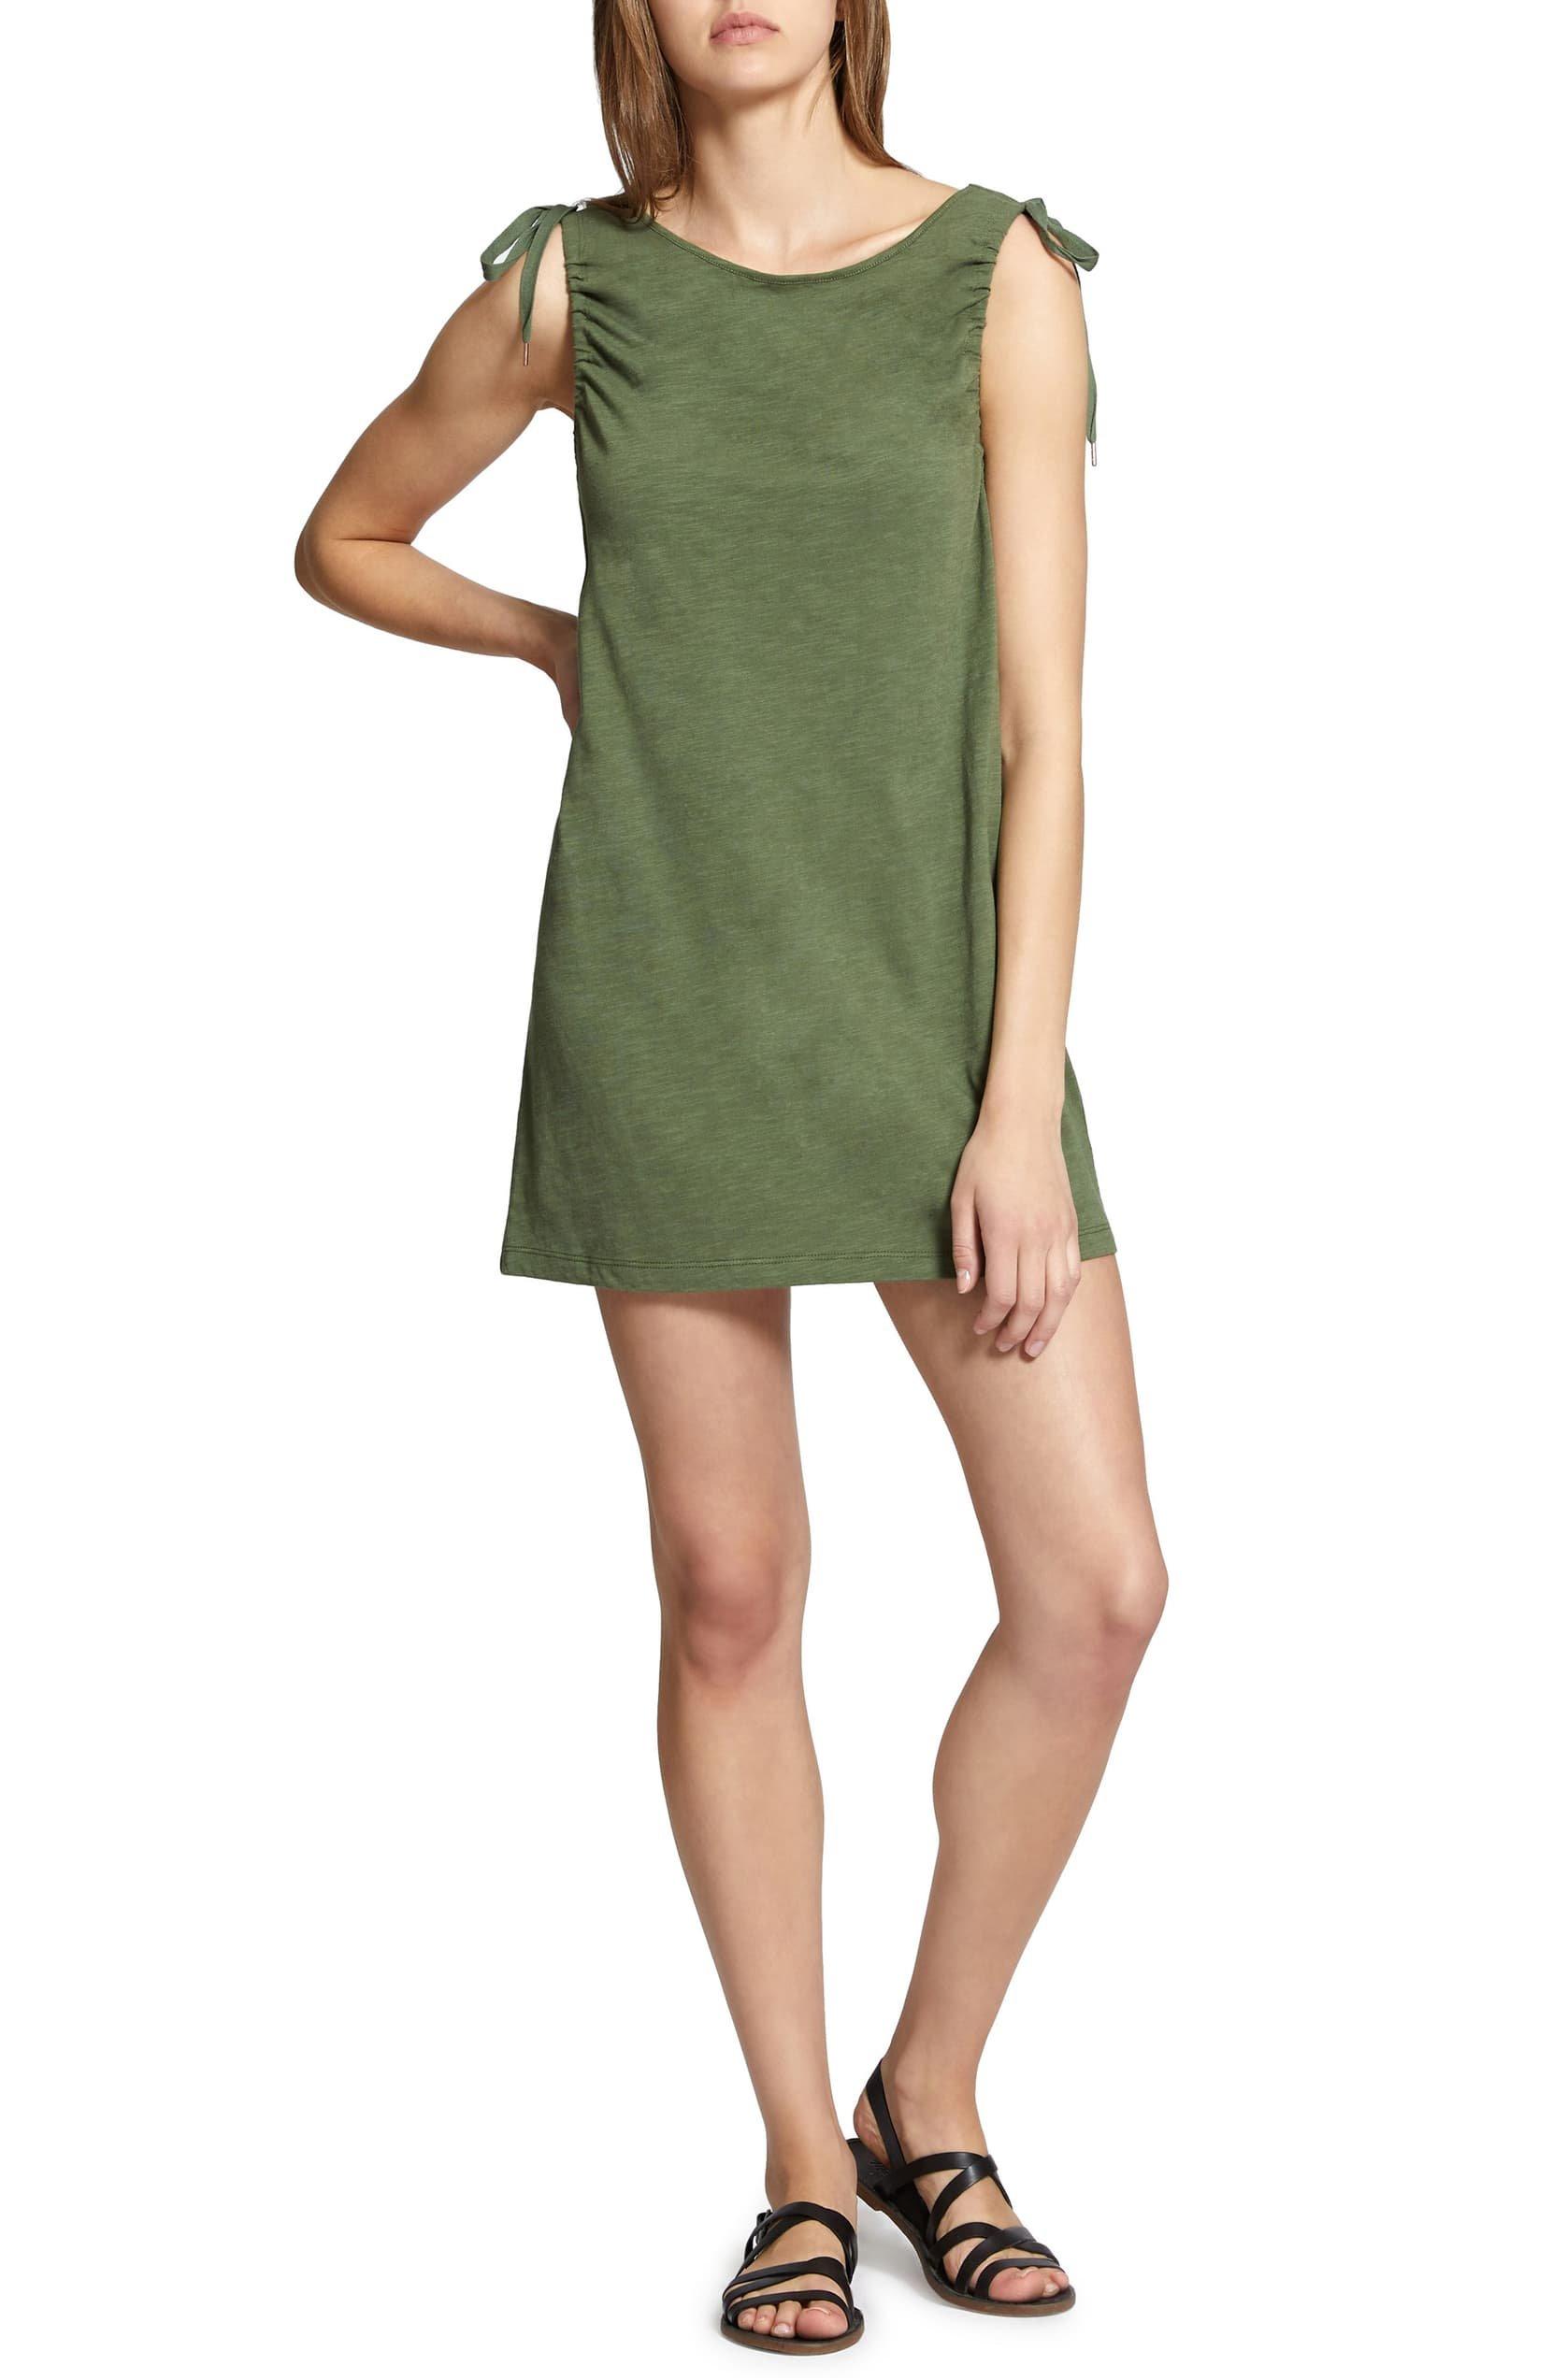 Sanctuary Womens Endless Night Velour Shift Mini Casual Dress BHFO 2131